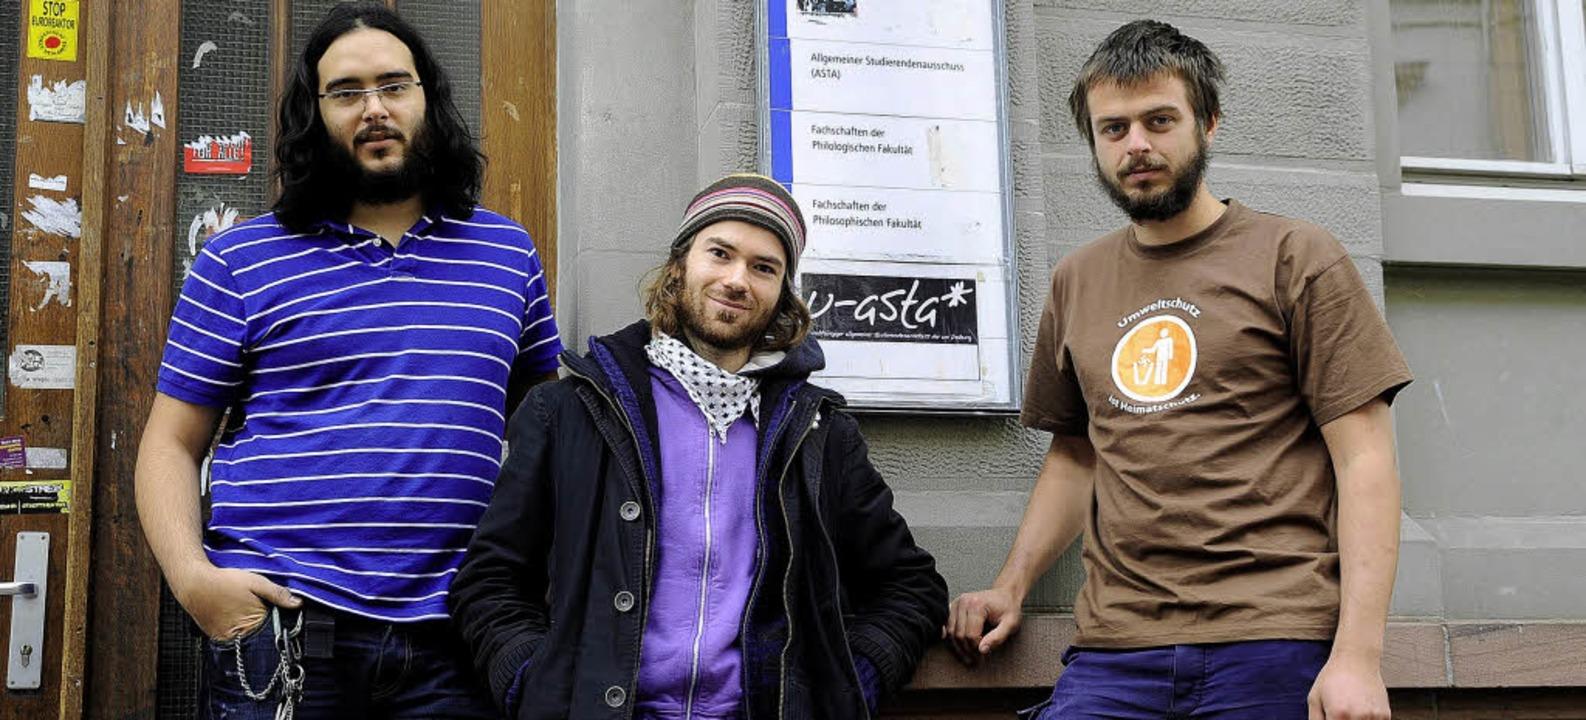 Der neue U-Asta (von links): Thomas Seyfried, David Koch und Vincent Heckmann   | Foto: thomas kunz